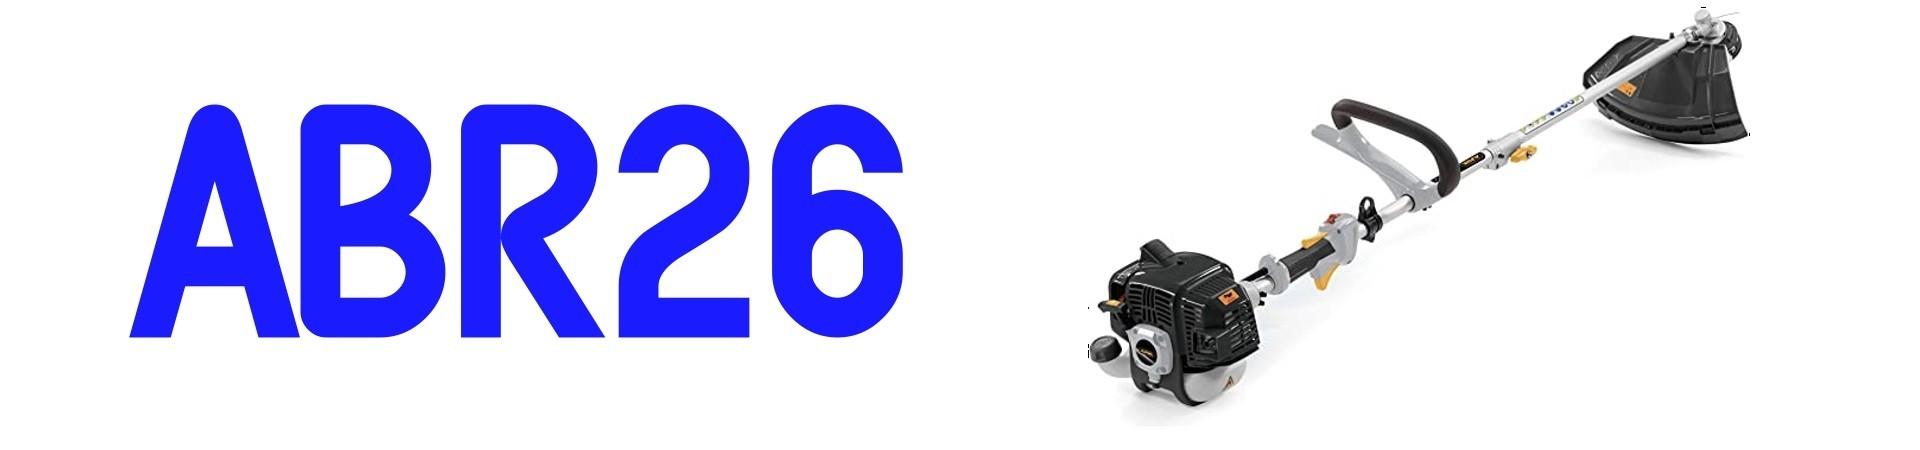 RECAMBIOS Desbrozadora Alpina ABR26 al Mejor PRECIO